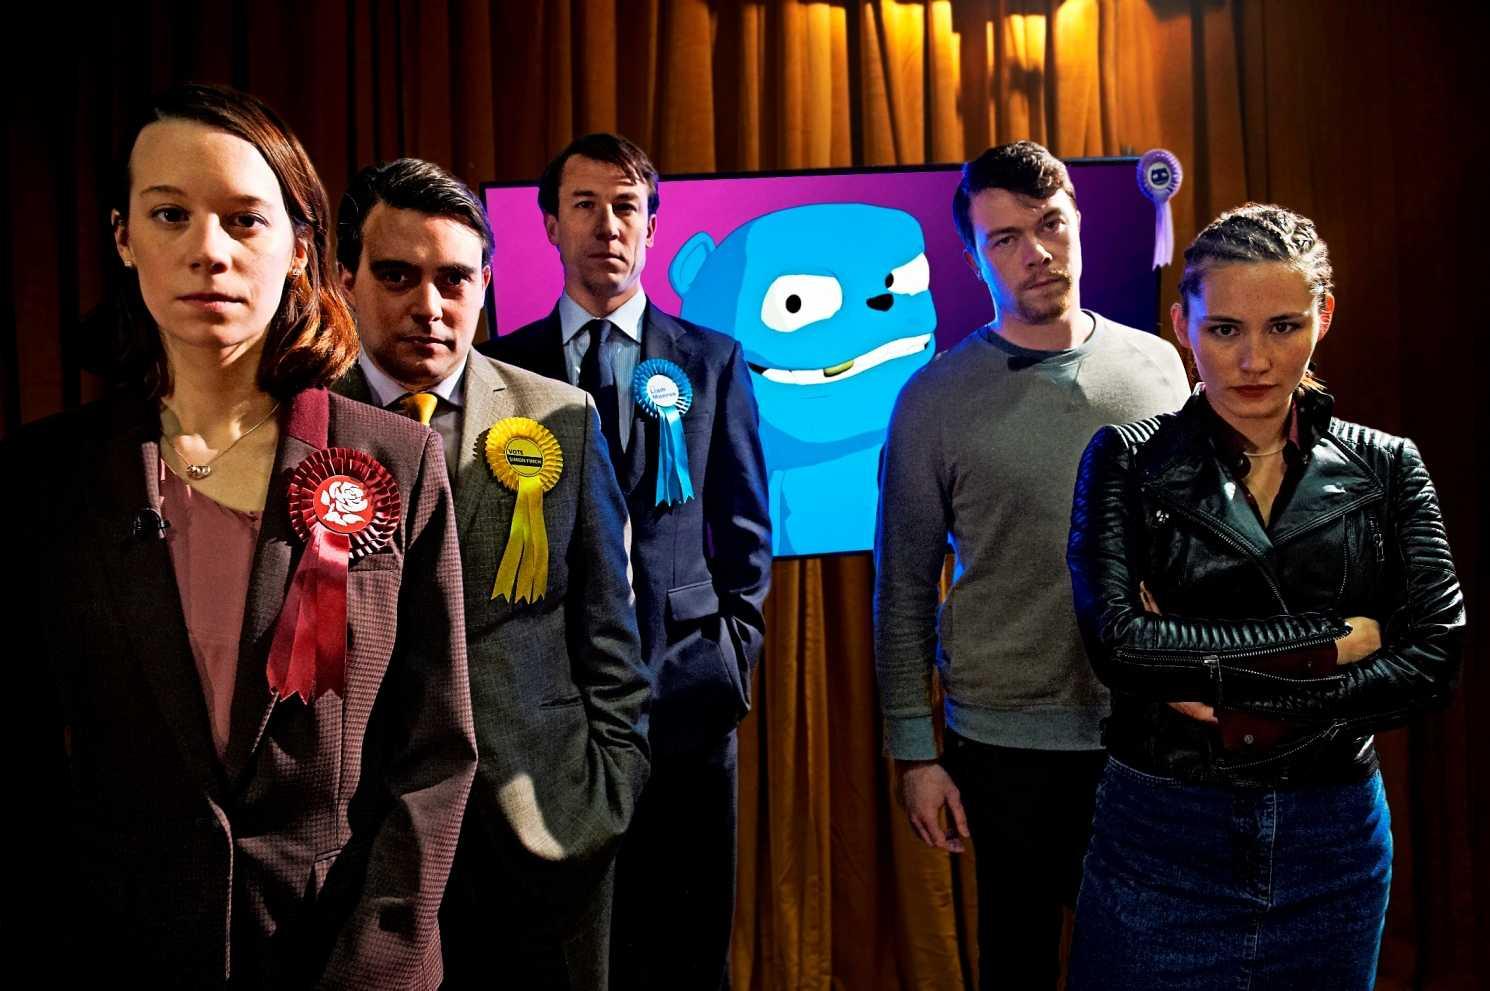 Black Mirror: i 3 nuovi episodi in prima tv domani su Sky Cinema | Digitale terrestre: Dtti.it